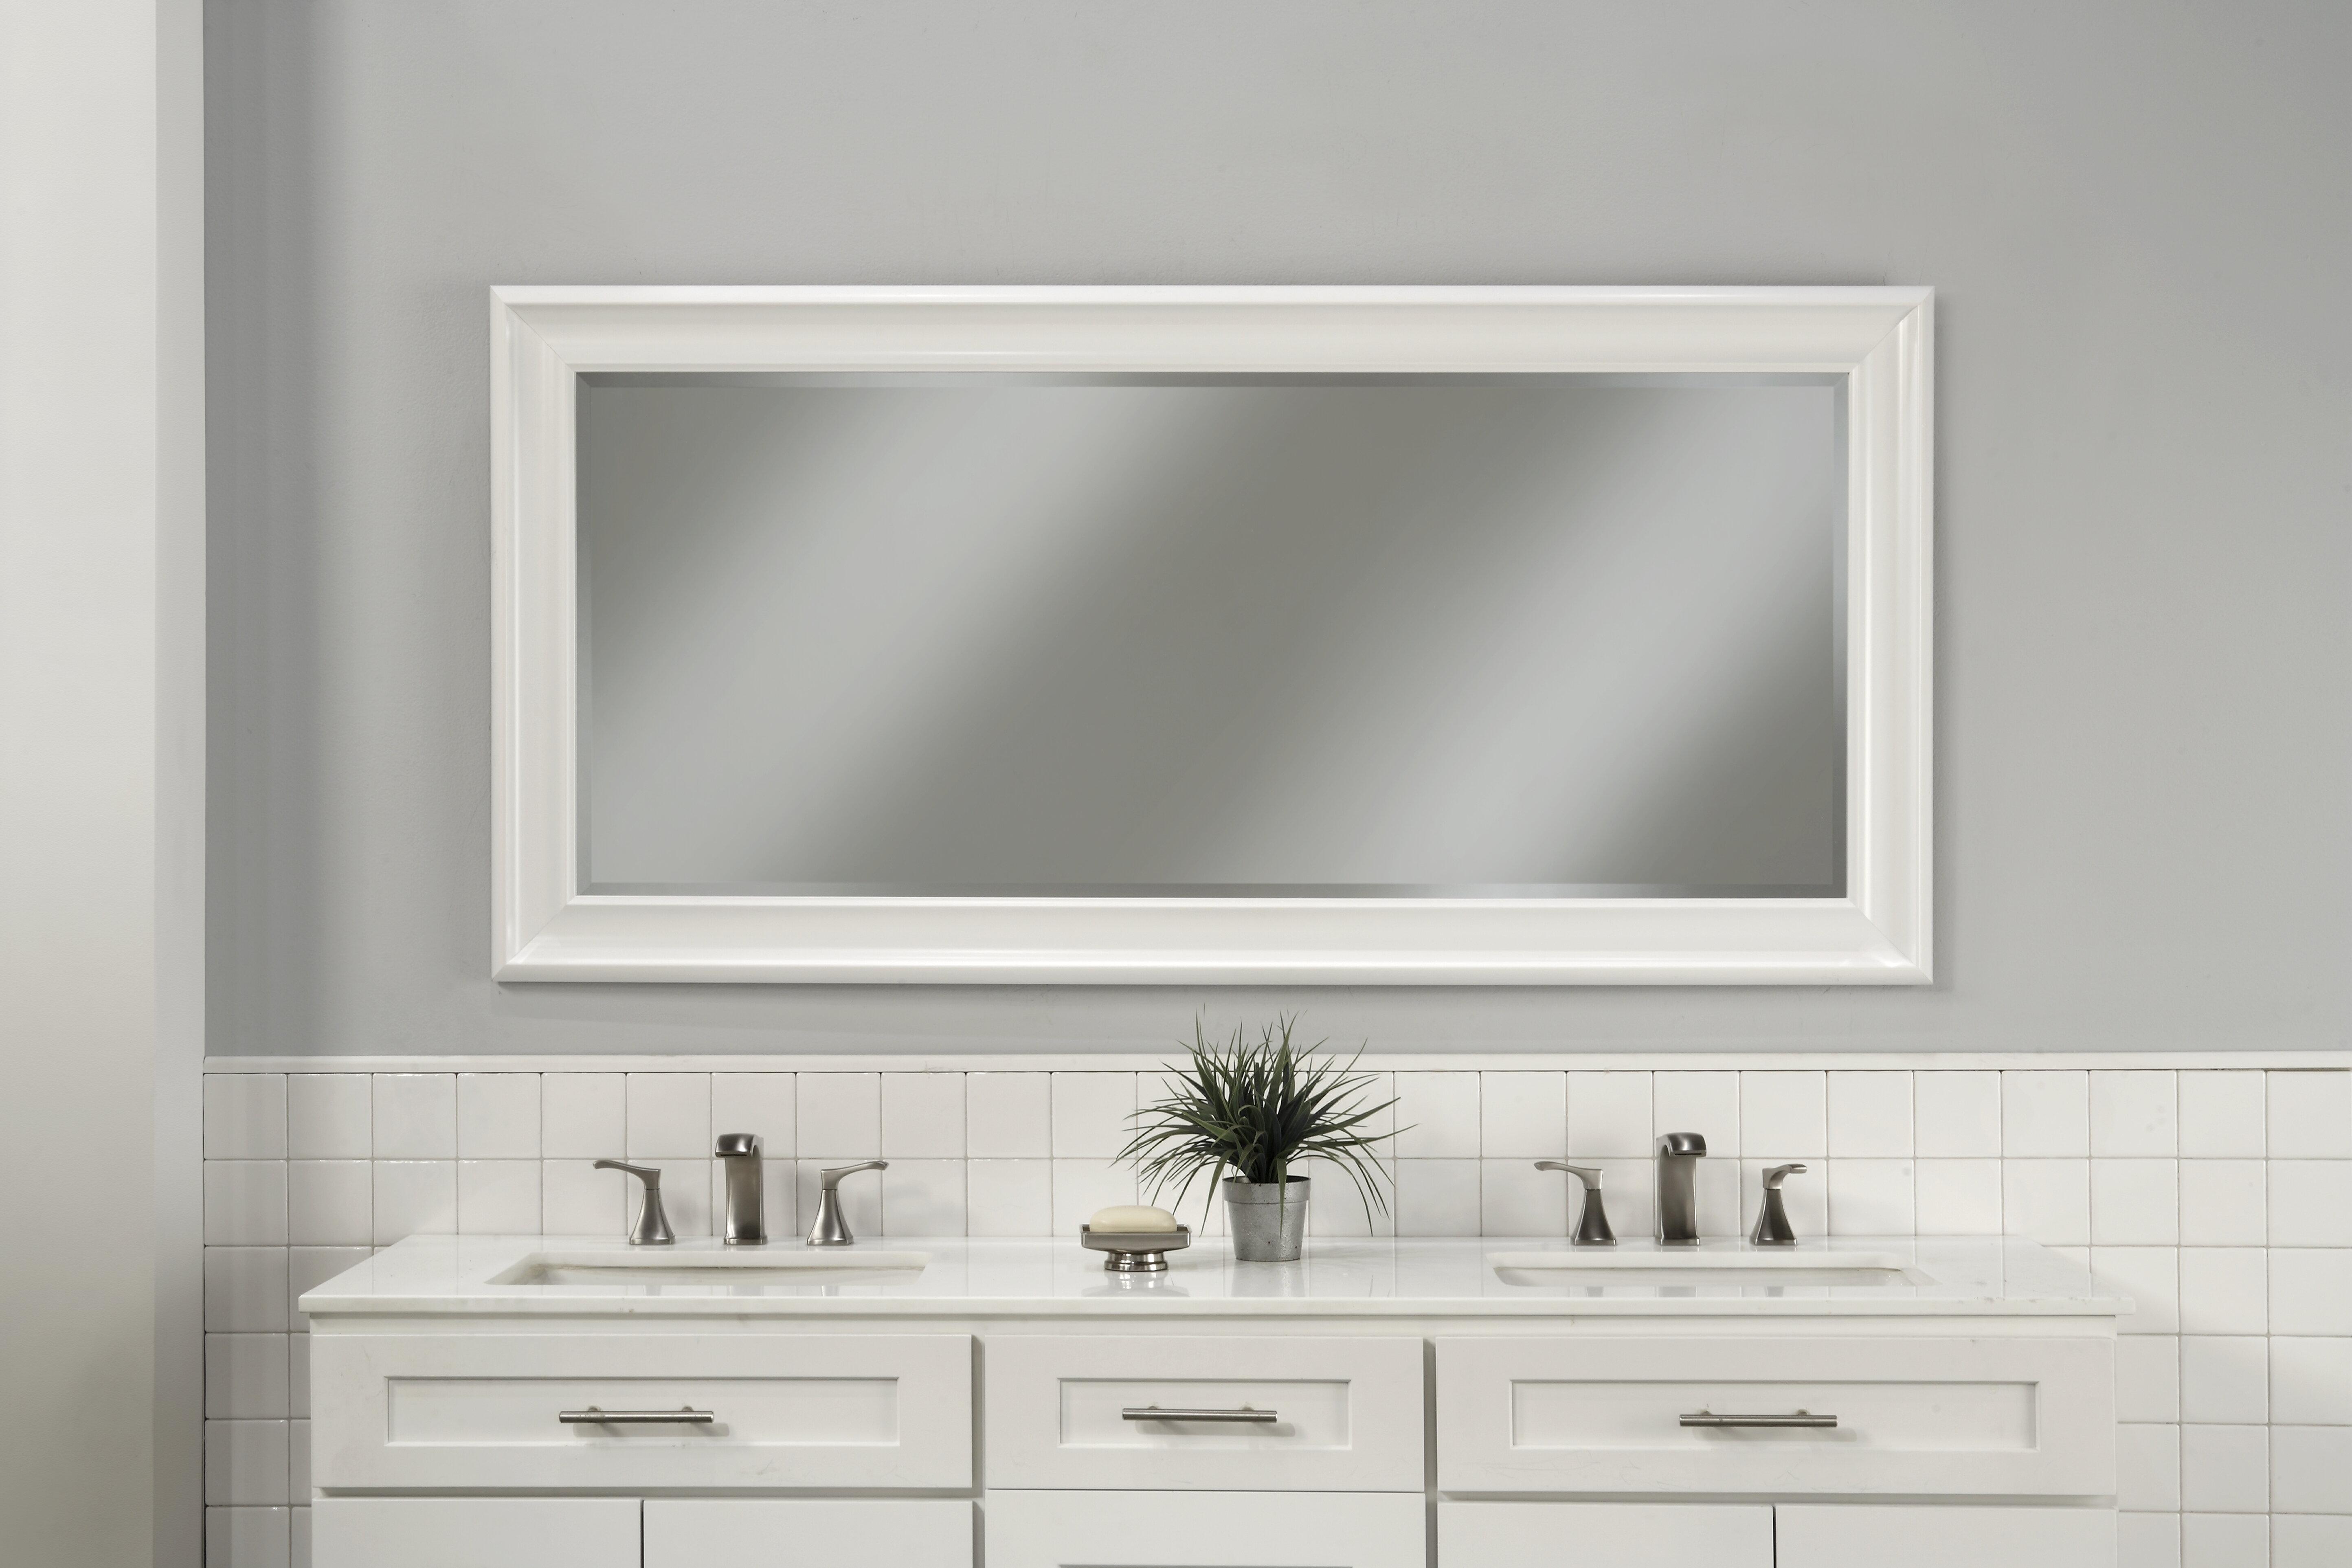 Wayfair Bathroom Vanity White Mirrors You Ll Love In 2021